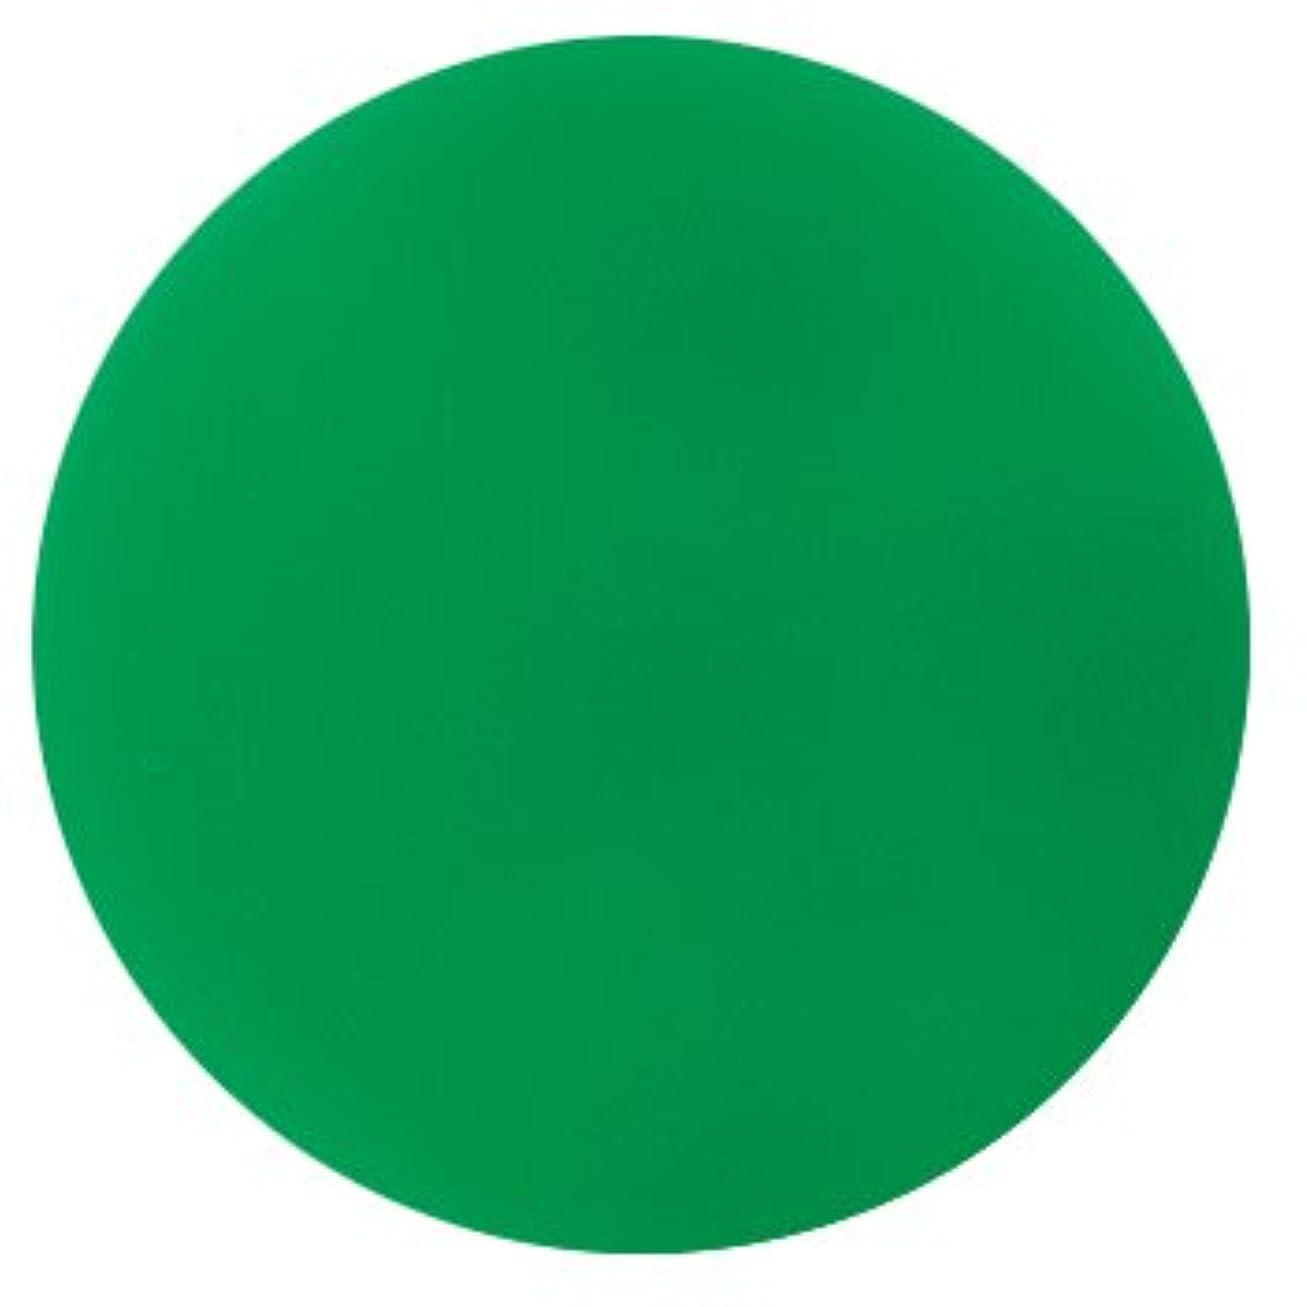 カレッジ経験者別のアクセンツ UV/LEDオプションズカラーズ UL 607 グリーン 4g